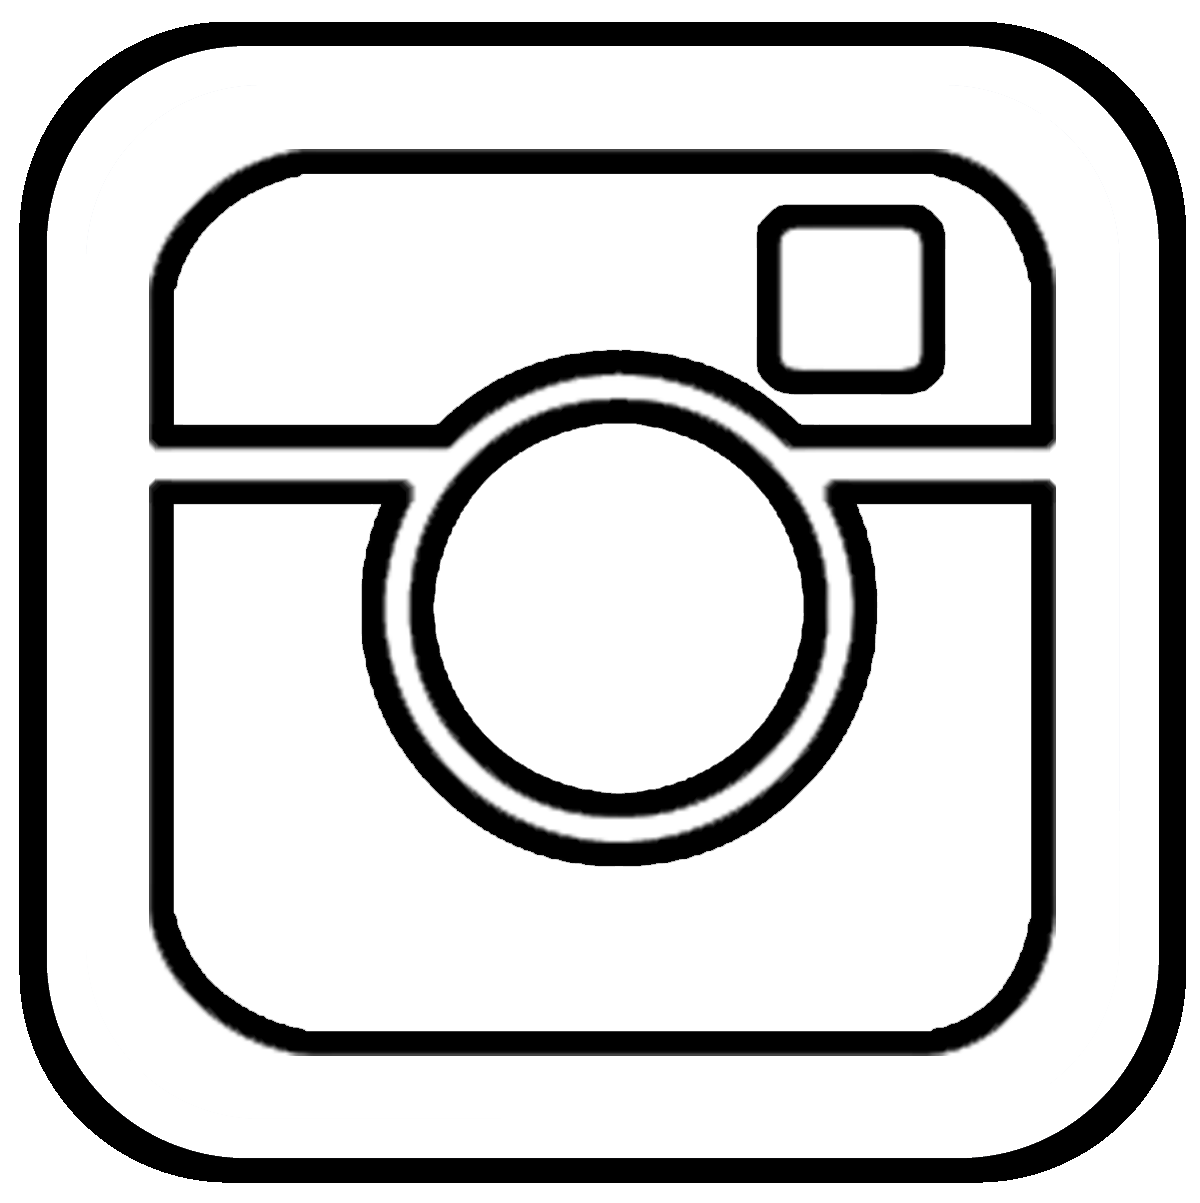 logo icon gif. Circle clipart instagram